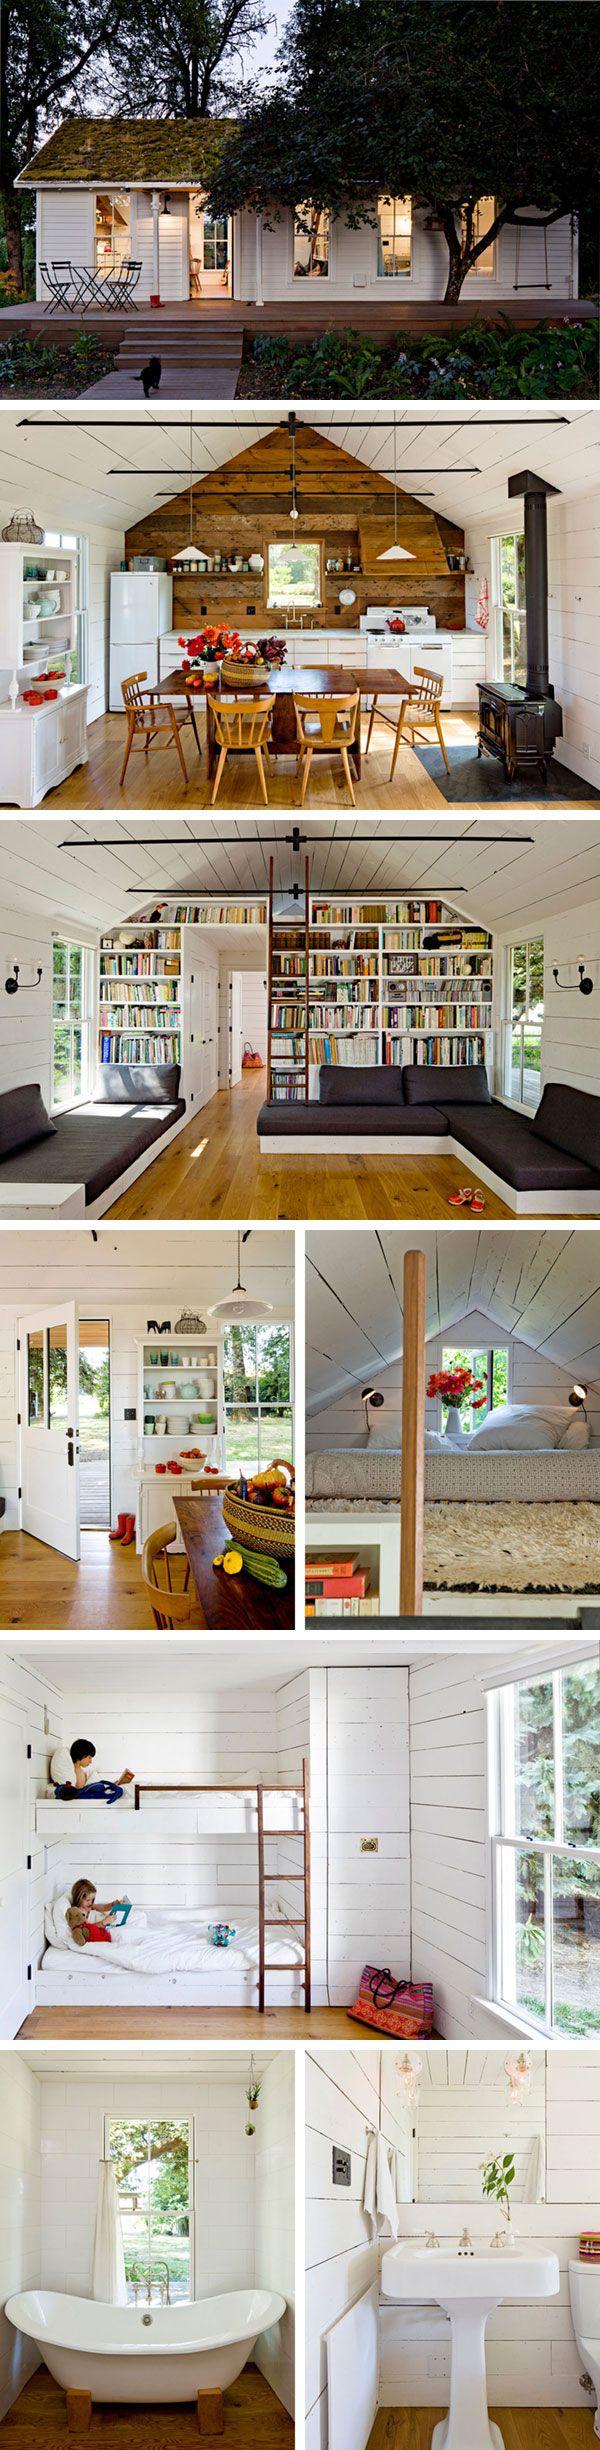 Маленький дом на берегу от Jessica Helgerson  #tinyhomesdigest #tinyhouse #smallhouse #ecohouse #countrylife